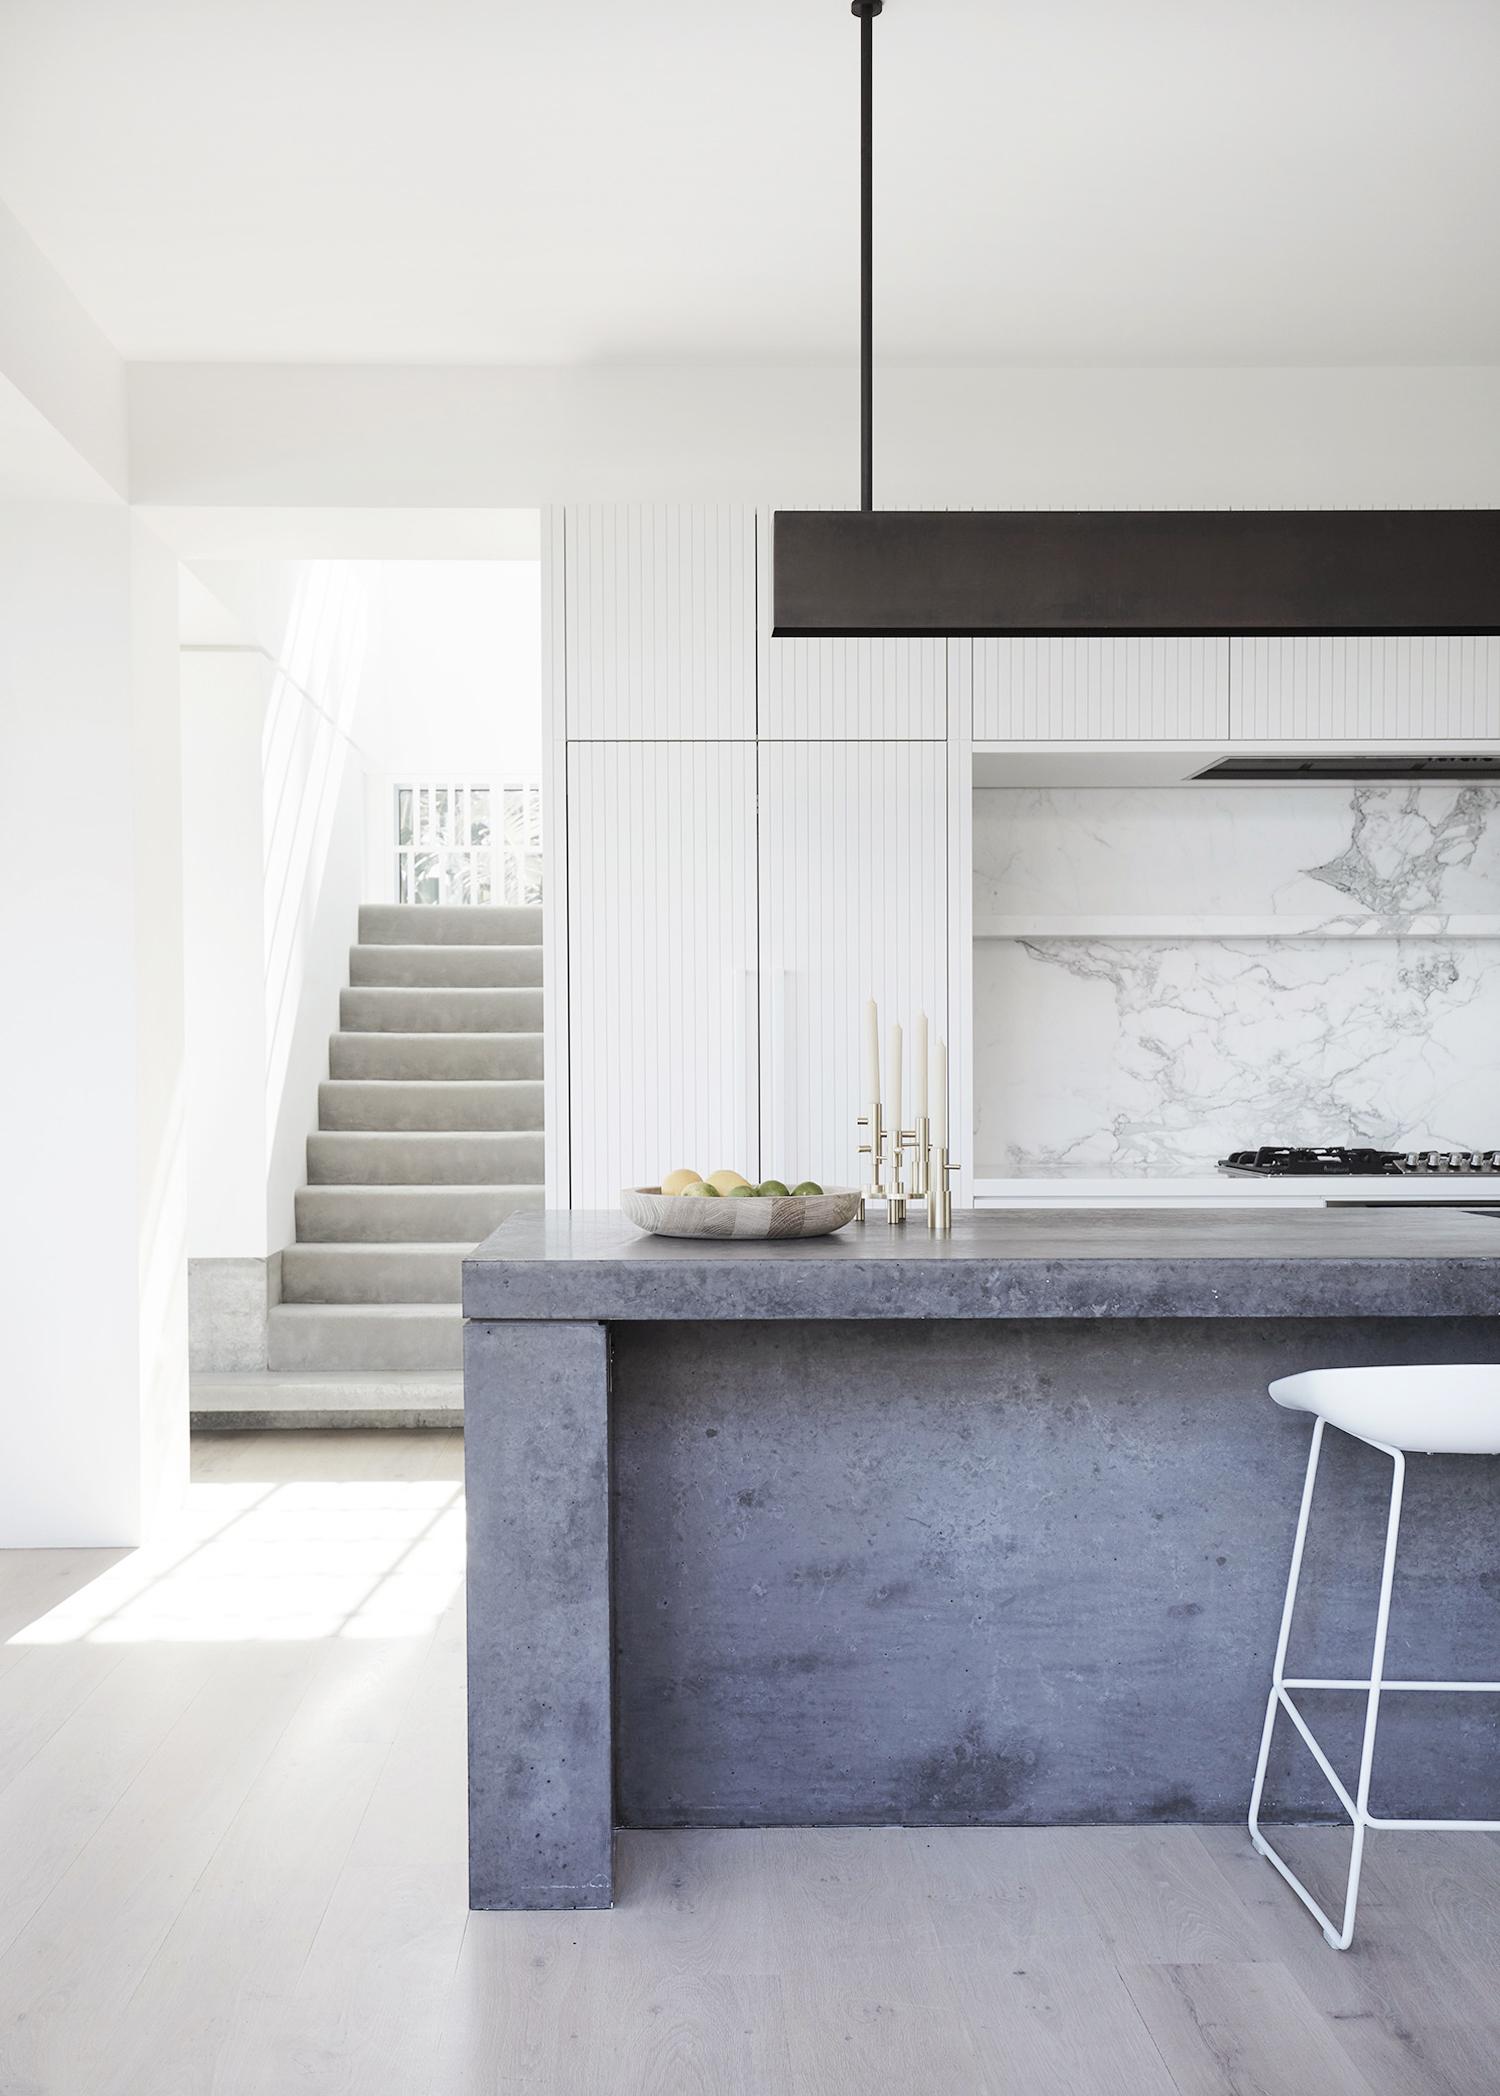 Interior design and architecture:   Madeleine Blanchfield